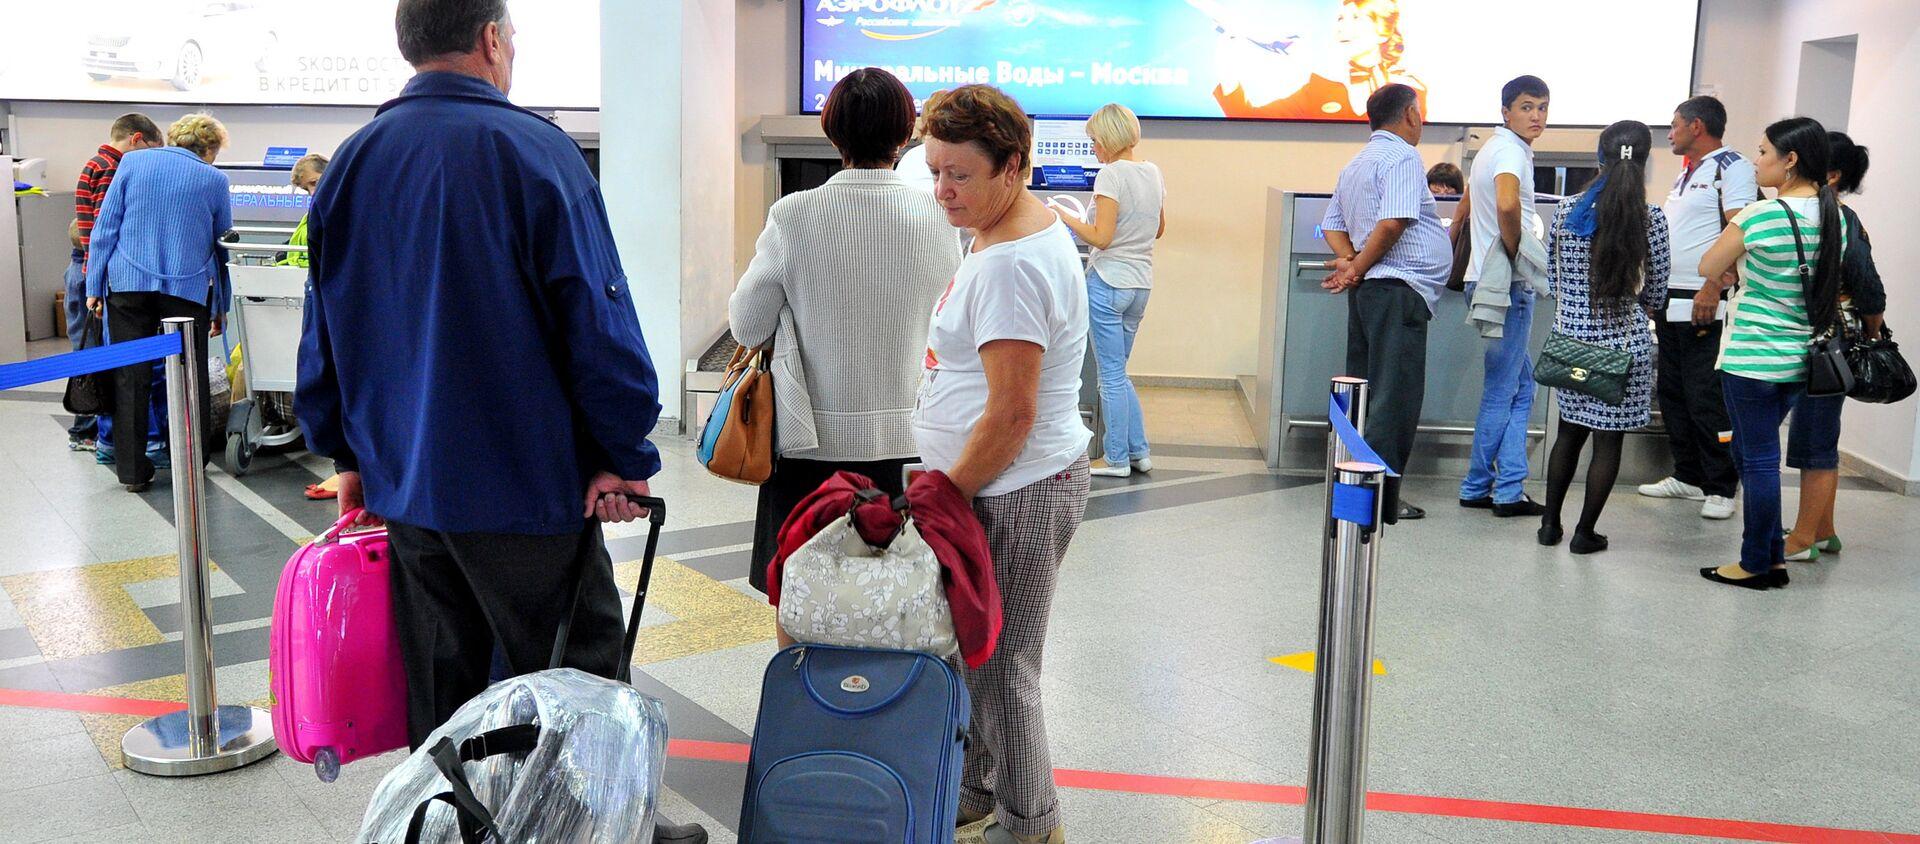 Пассажиры у стойки регистрации билетов в международном аэропорту - Sputnik Узбекистан, 1920, 25.12.2020